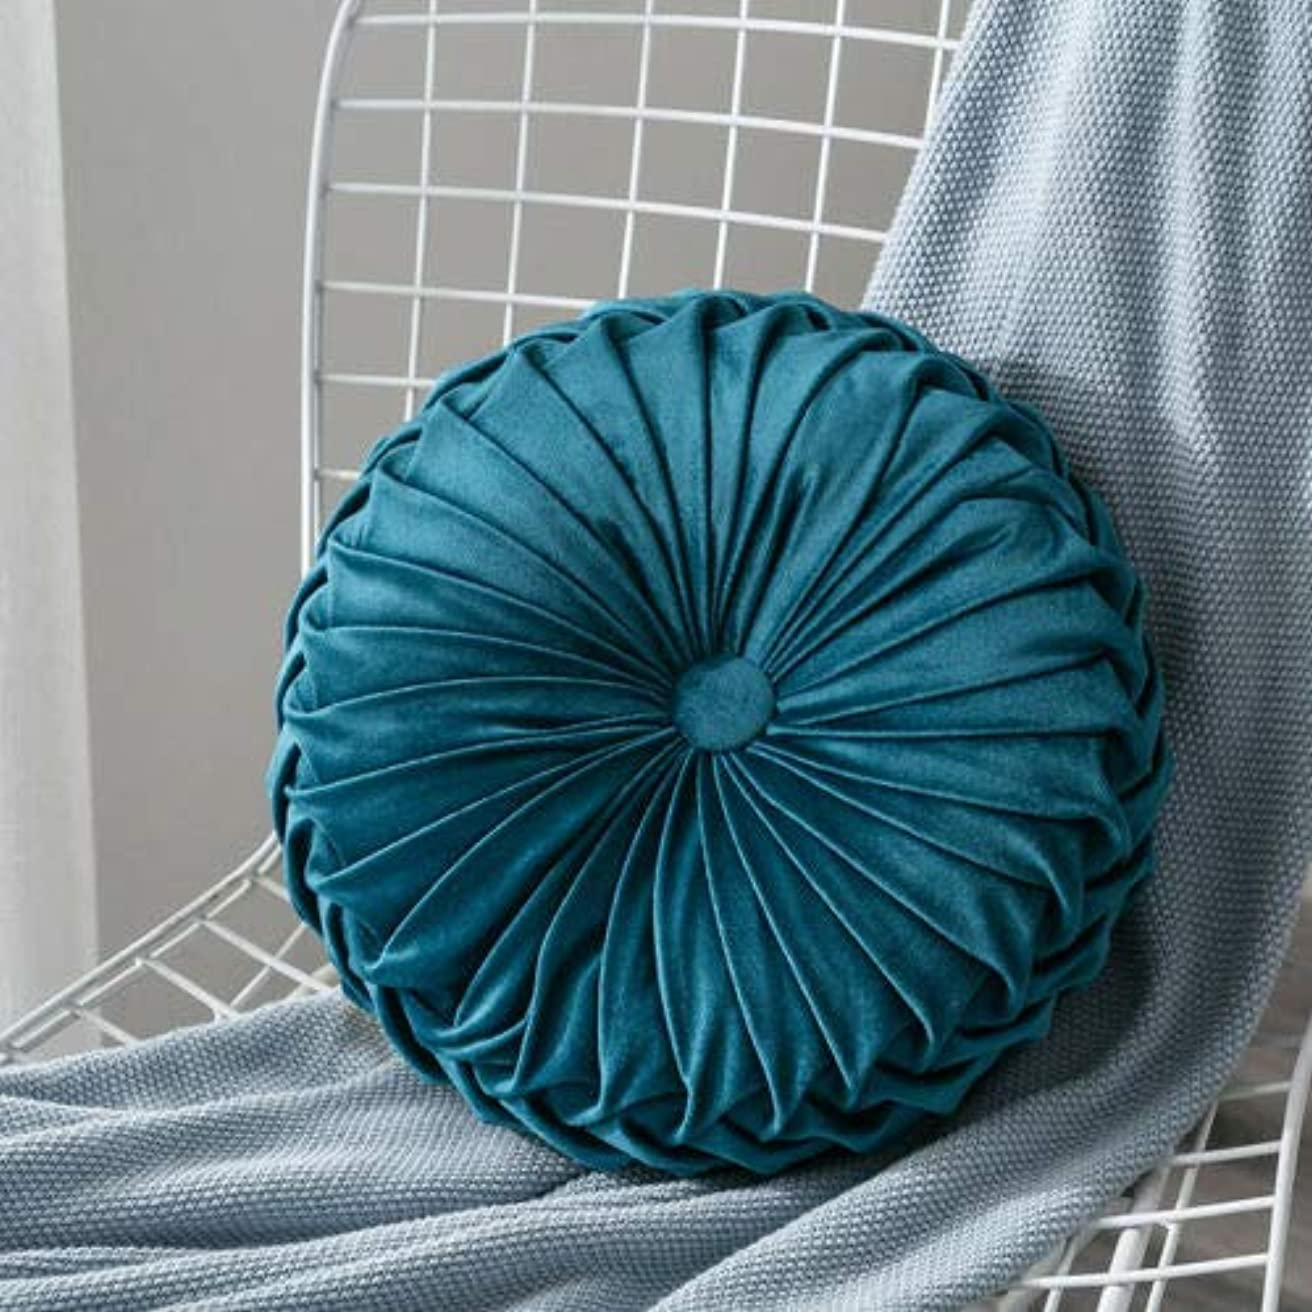 ピジン米ドル致命的LIFE ベルベットプリーツラウンドカボチャ枕ソファクッション床枕の装飾 クッション 椅子